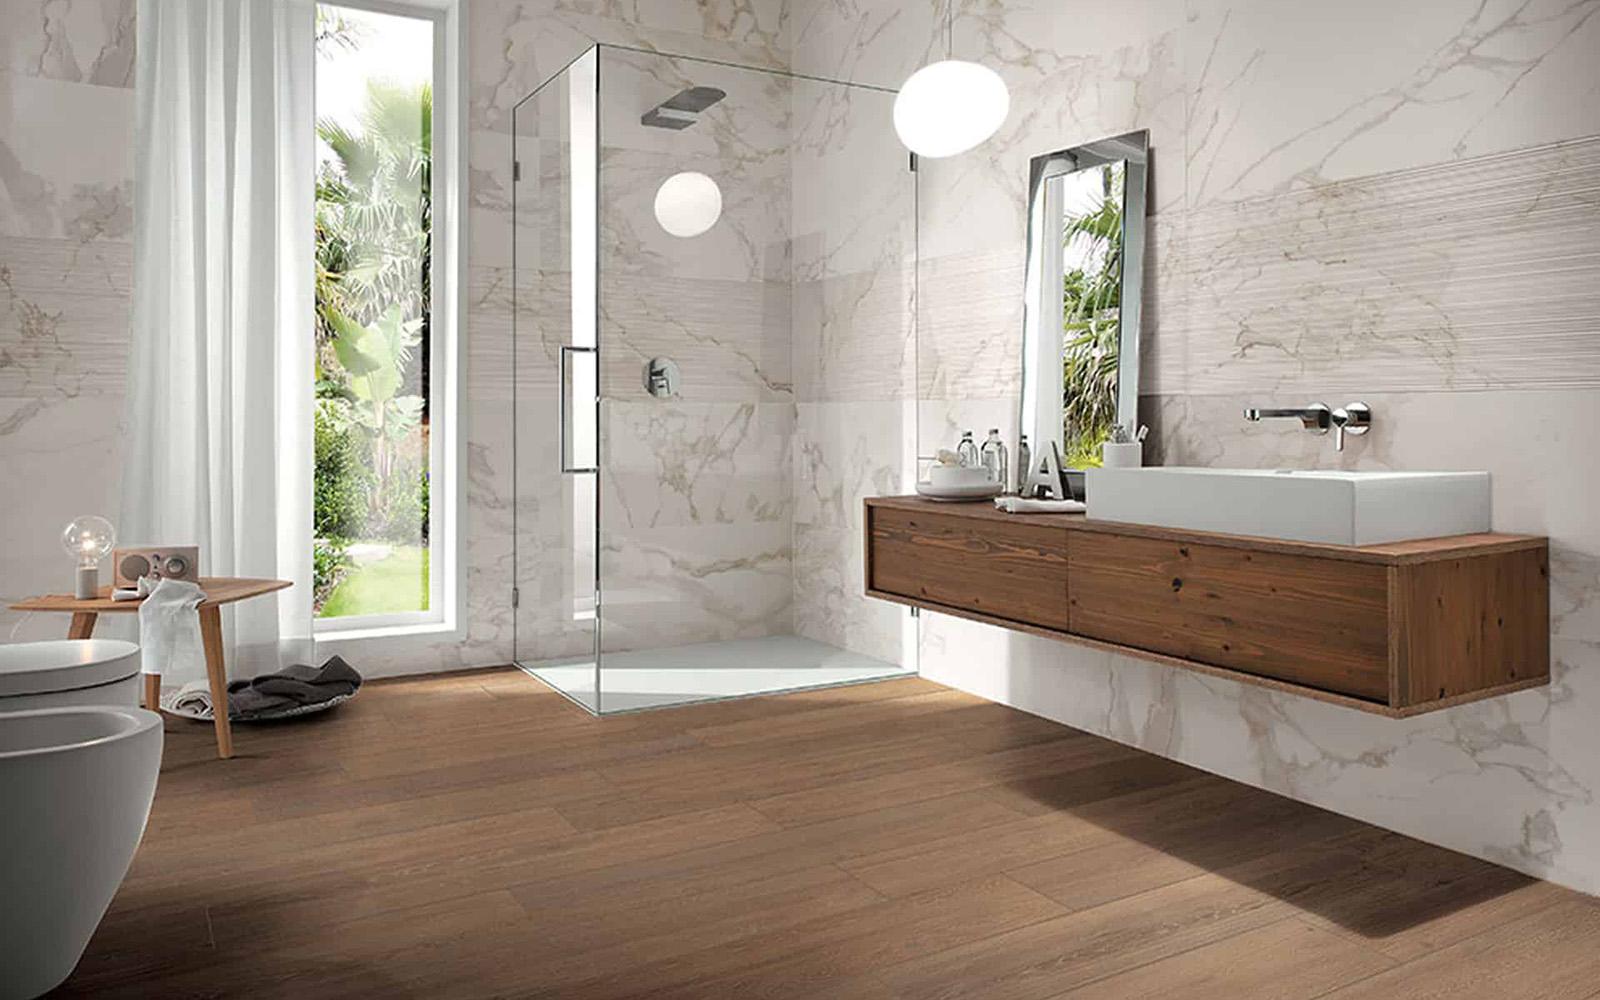 Suelo y revestimiento Porcelánico Imitación madera para reformar el baño